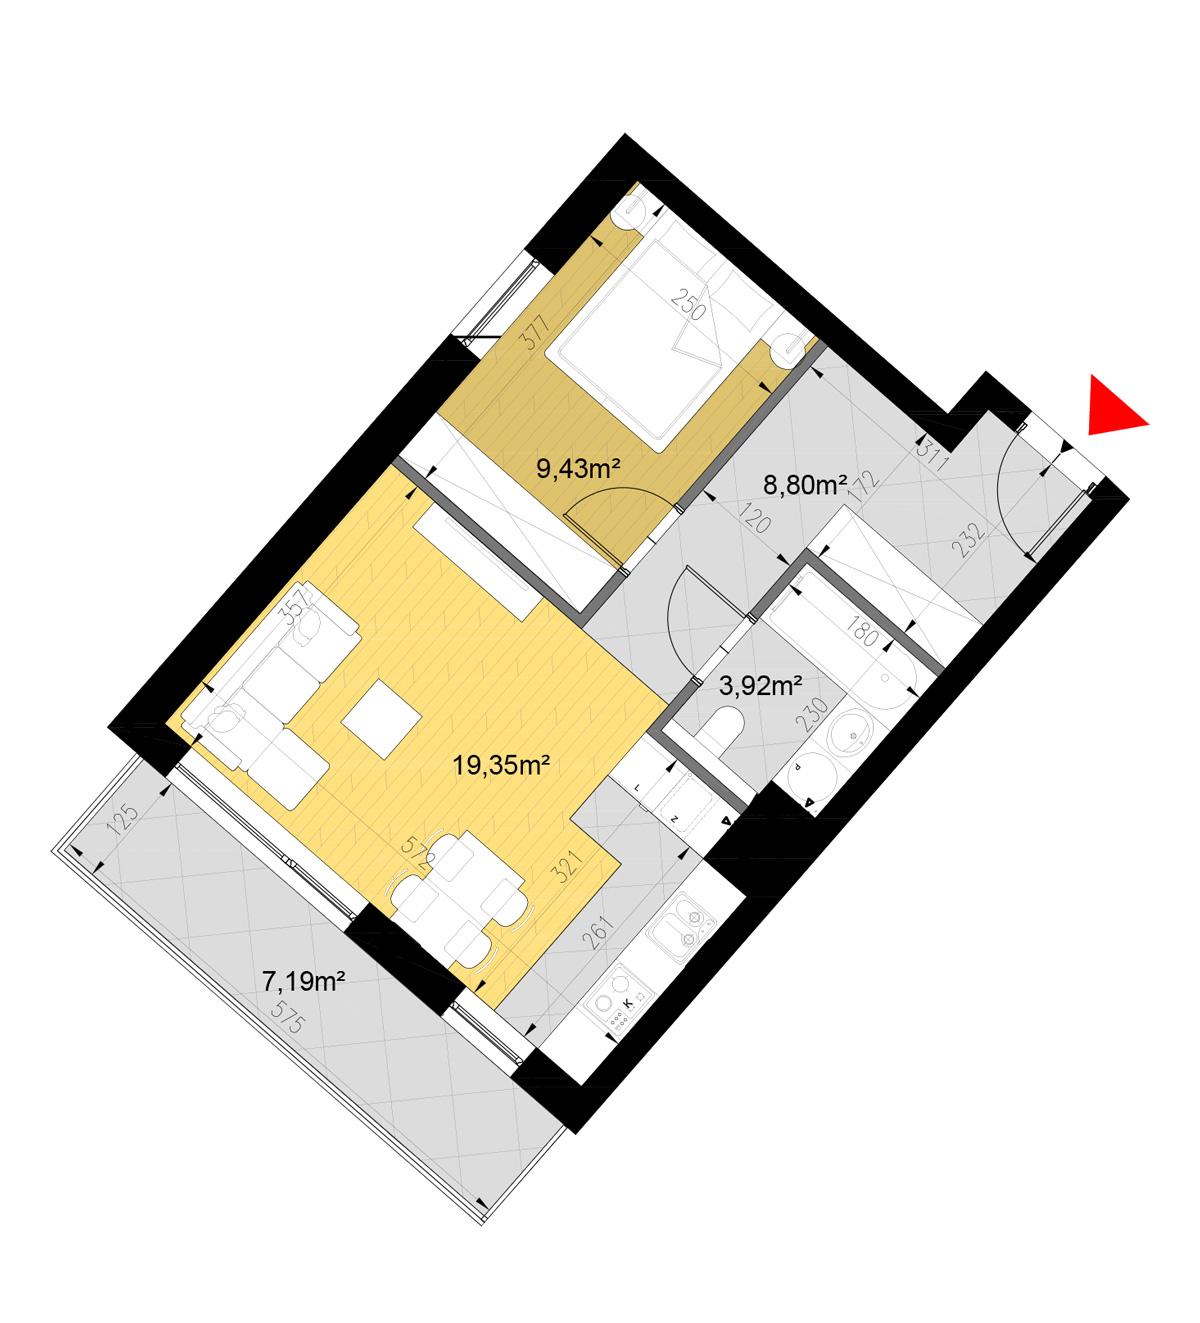 Zielone Tarasy - Blok D - Mieszkanie nr 43 - Wysokie Mazowieckie - Master - Emil Borys